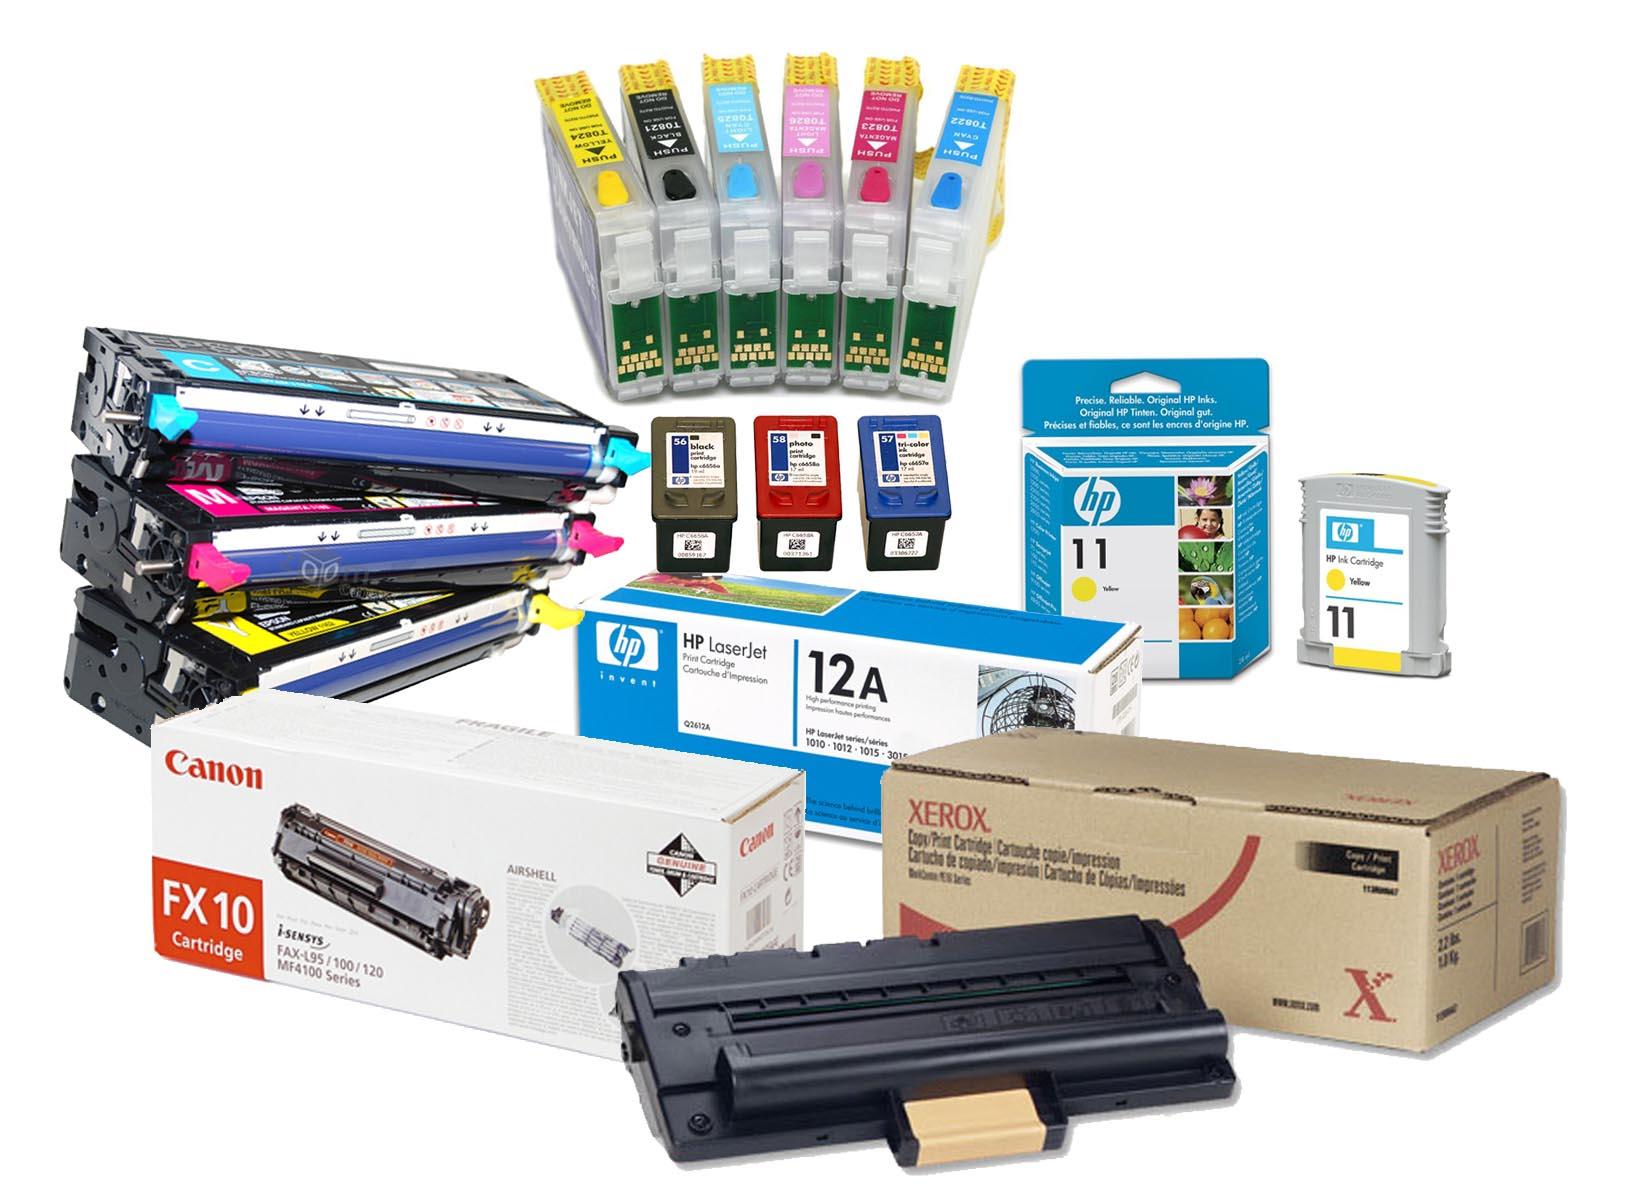 Сбор заказов. Расходные материалы для оргтехники-картриджи для принтеров оригинальные и совместимые, барабаны, чипы, чернила и заправочные комплекты, расходные материалы для переплетчиков и ламинаторов, широкоформатная и фото бумага - 4